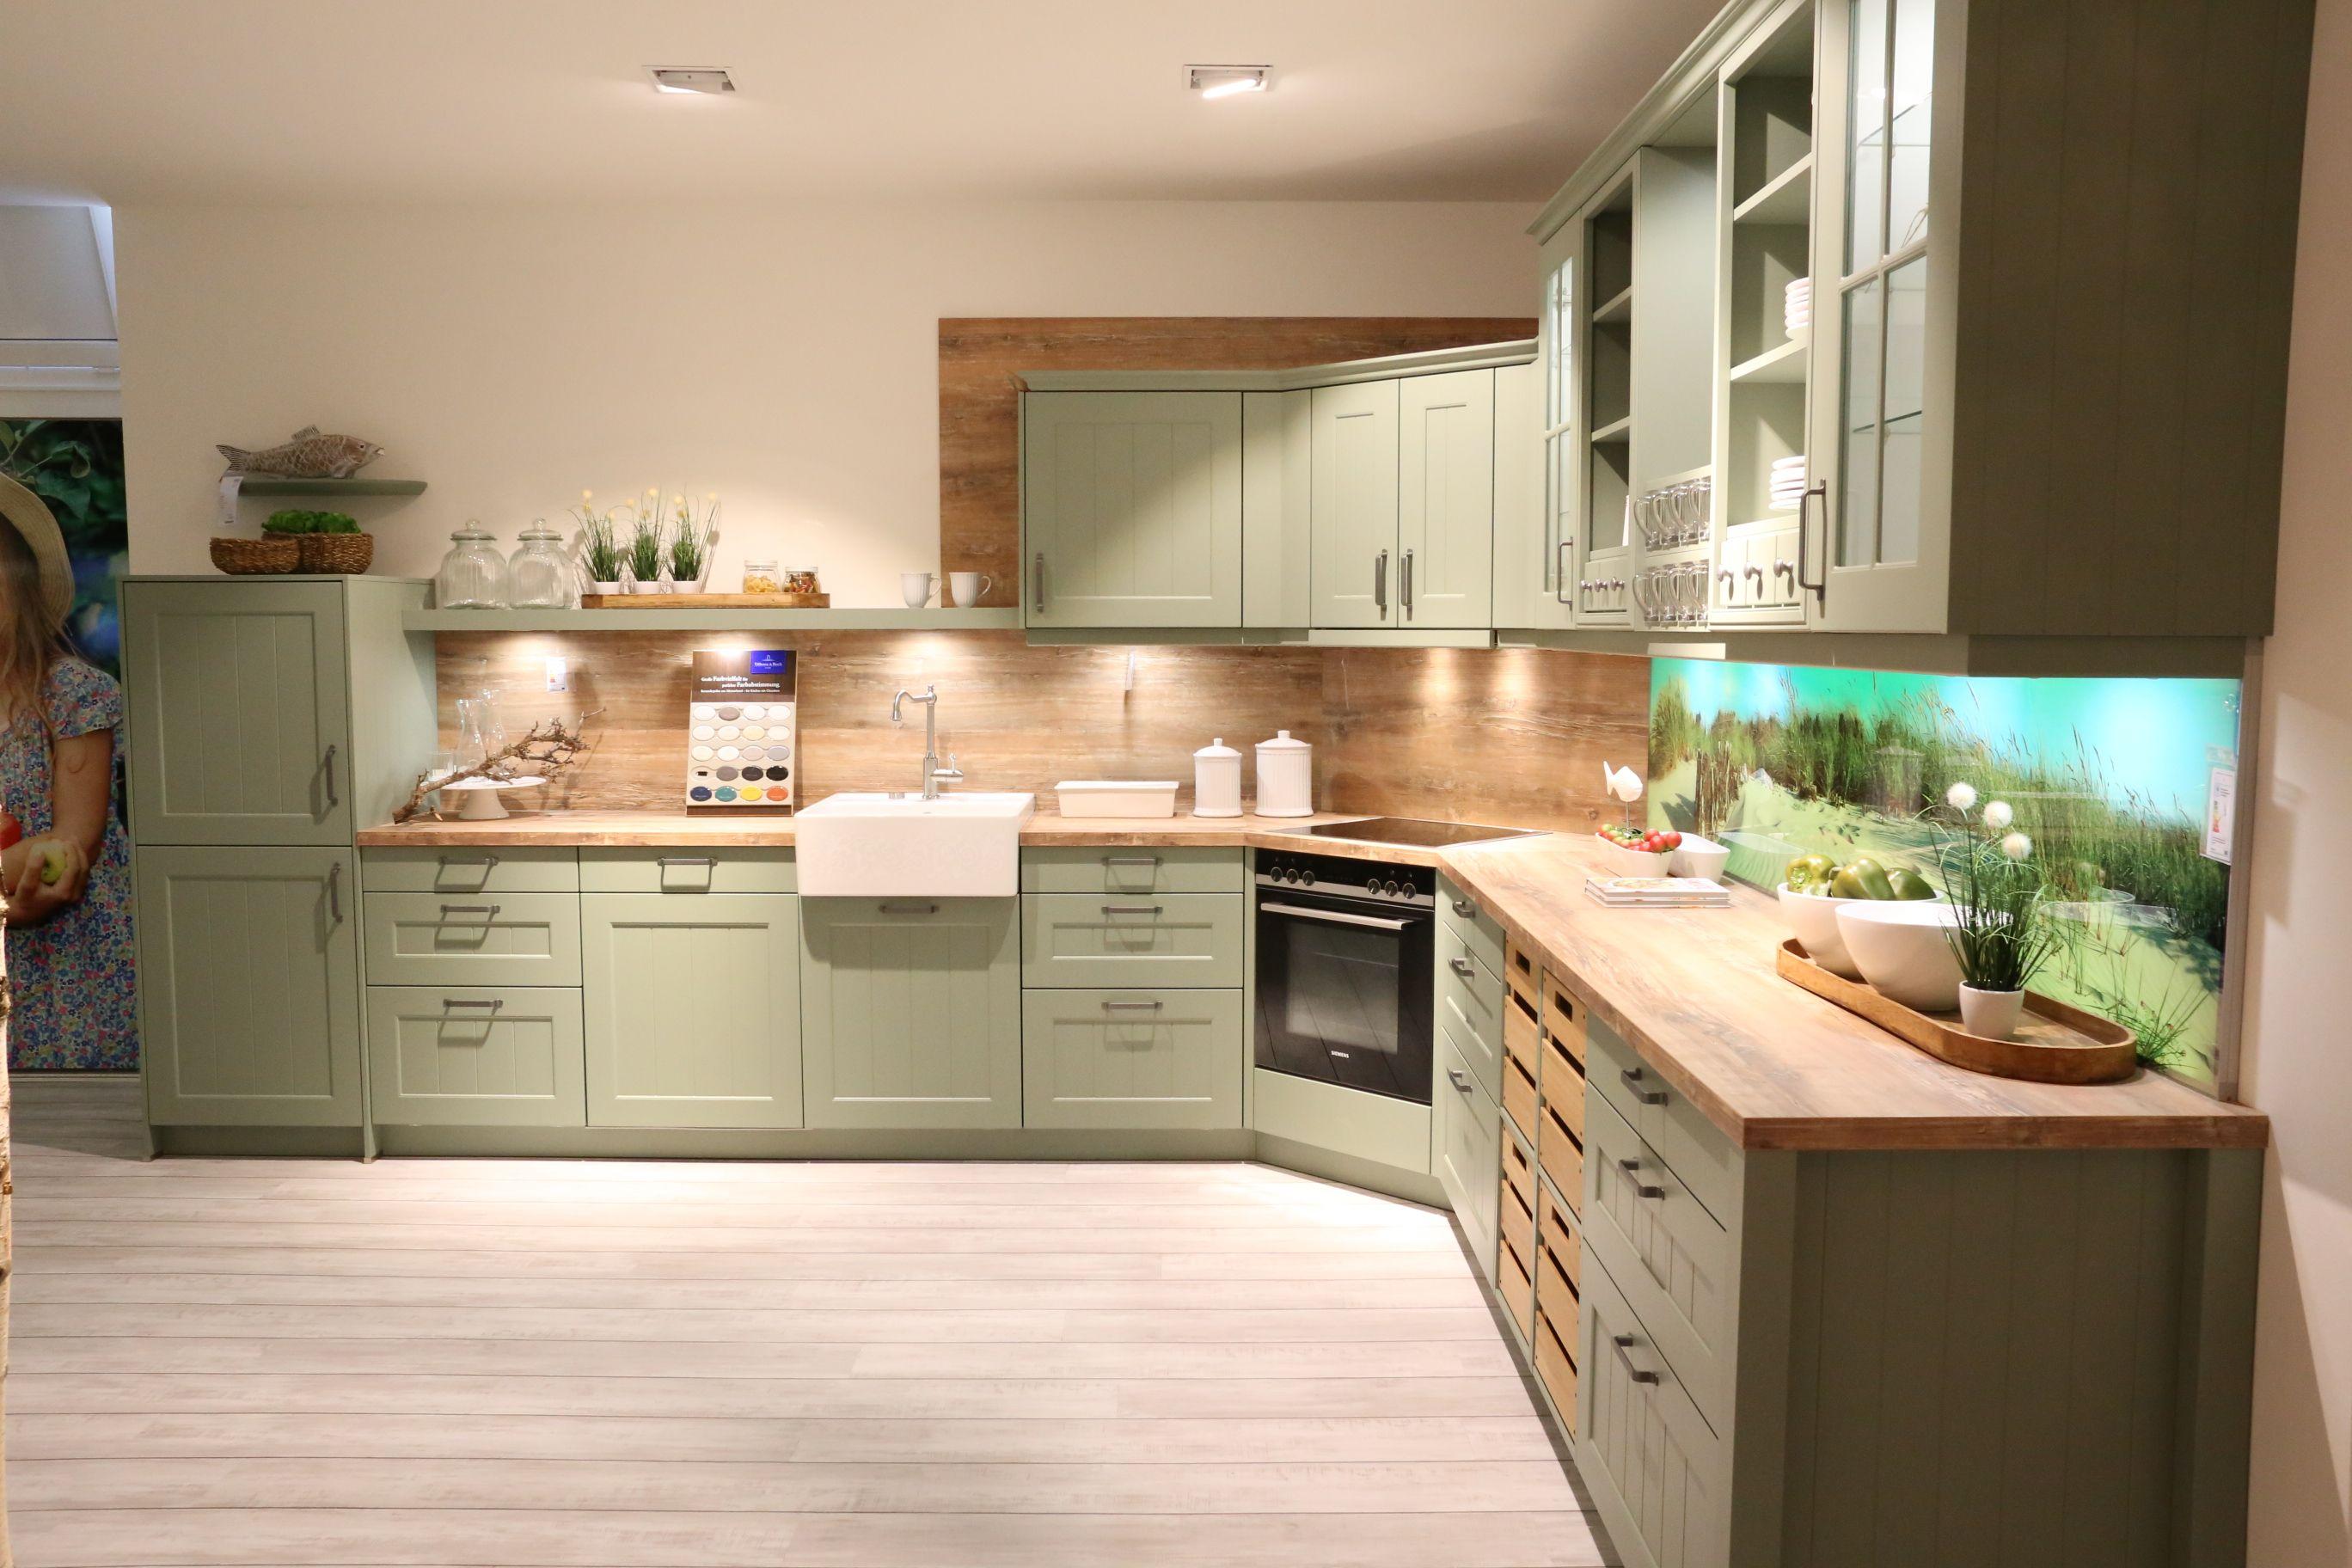 Top Küche kaufen in Bremerhaven & umzu - Über 30 Ausstellungsküchen AN44